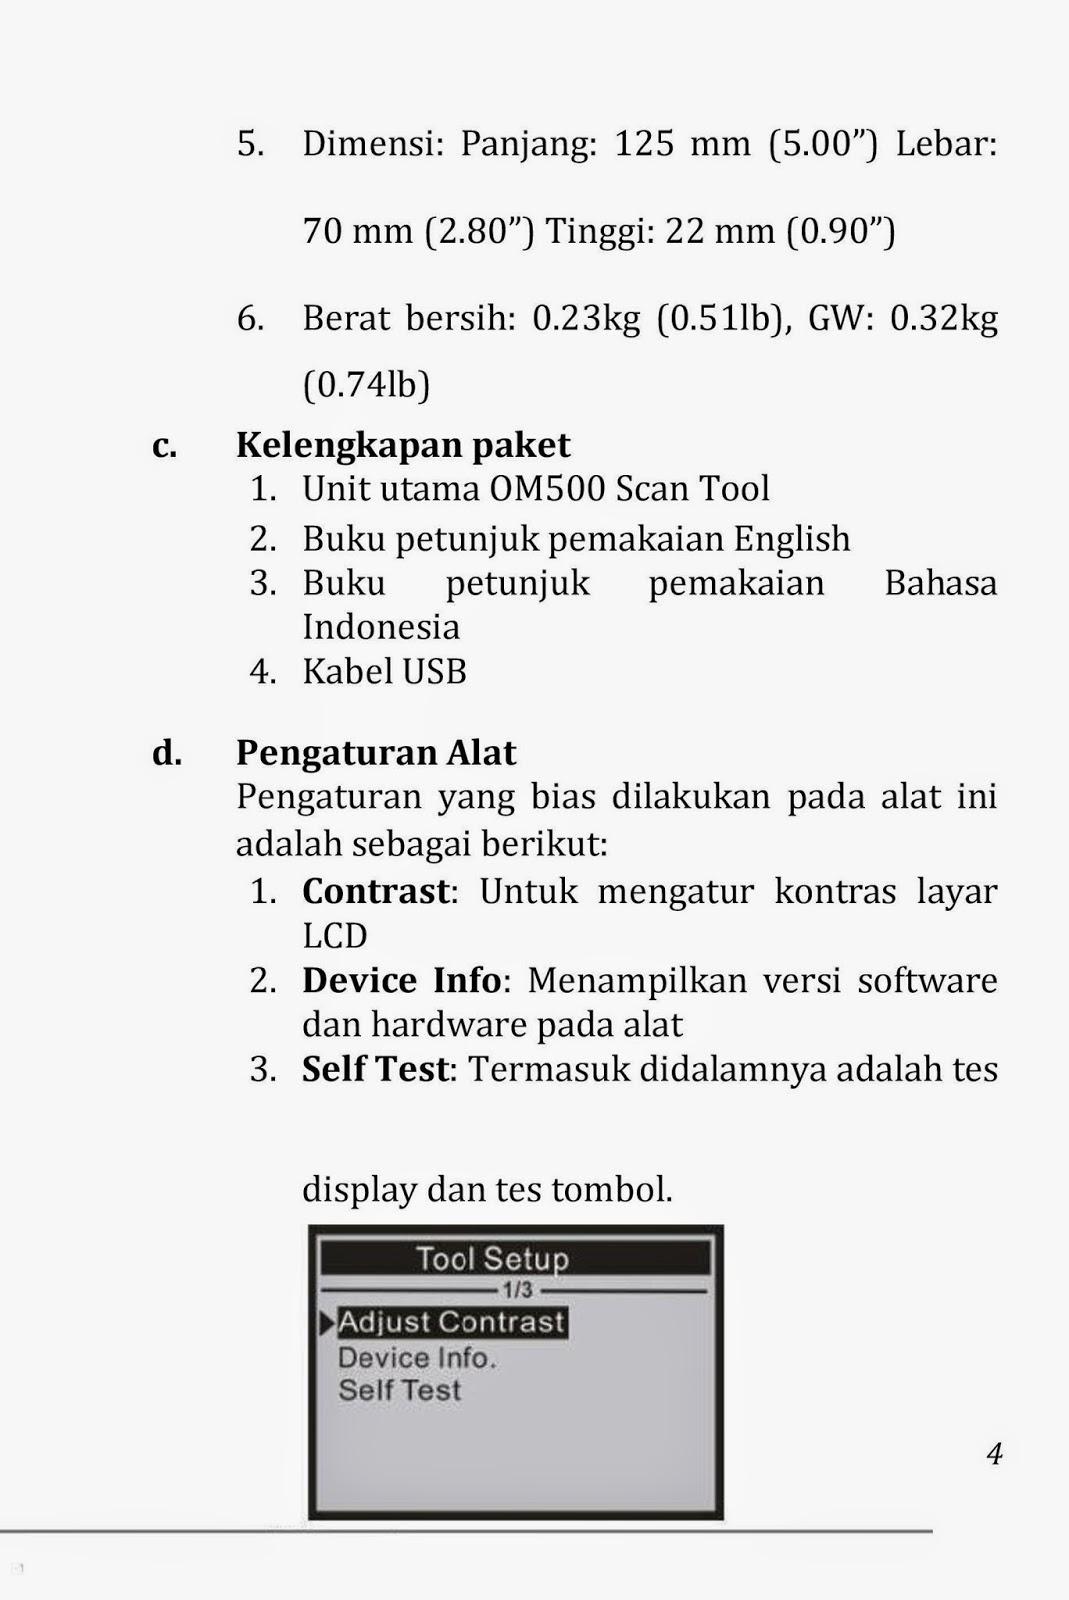 cara menggunakan scanner obd 2